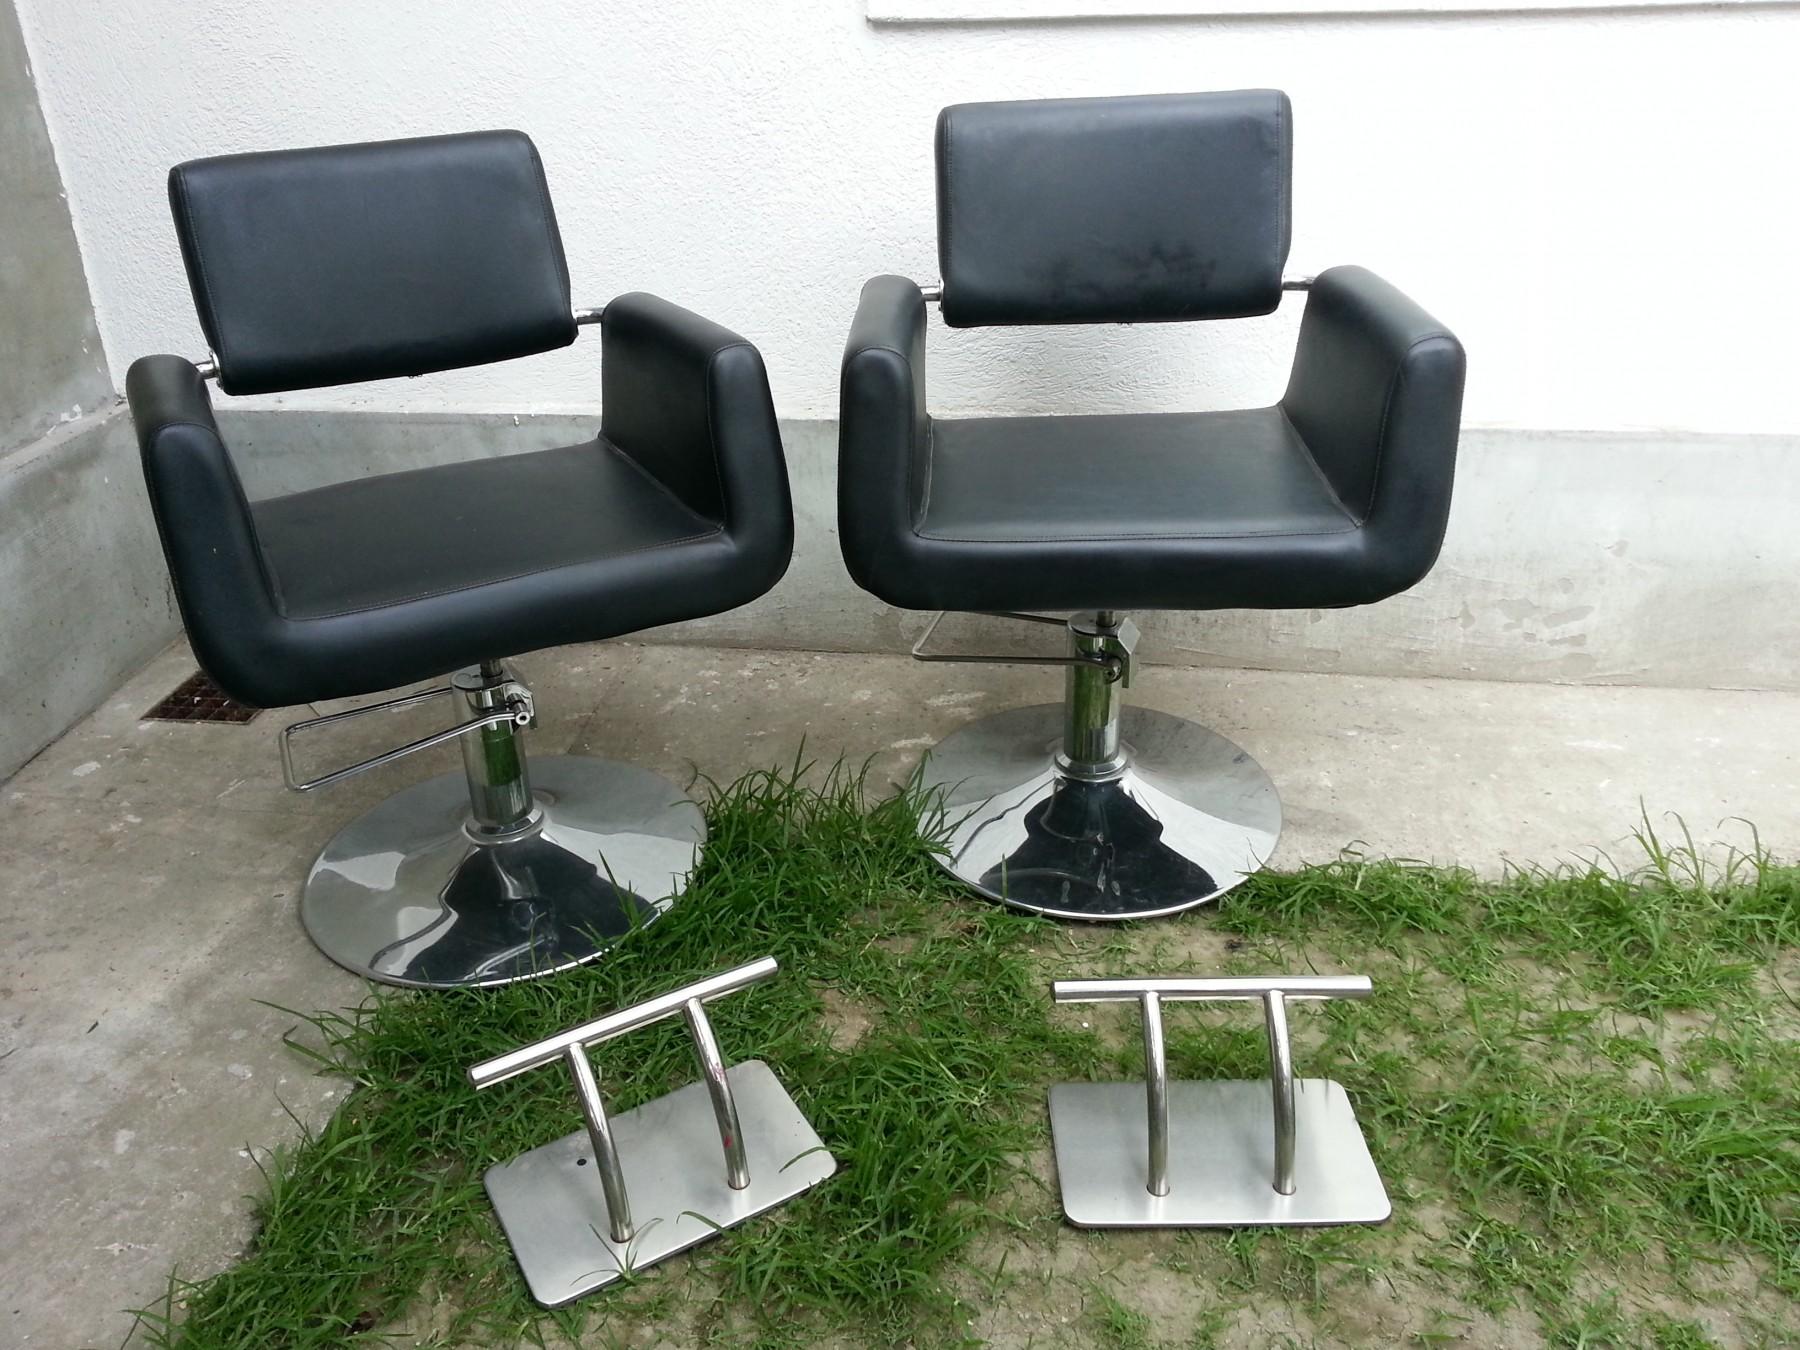 Dve Frizerske Stolice Dva Drzaca Za Noge 58155639